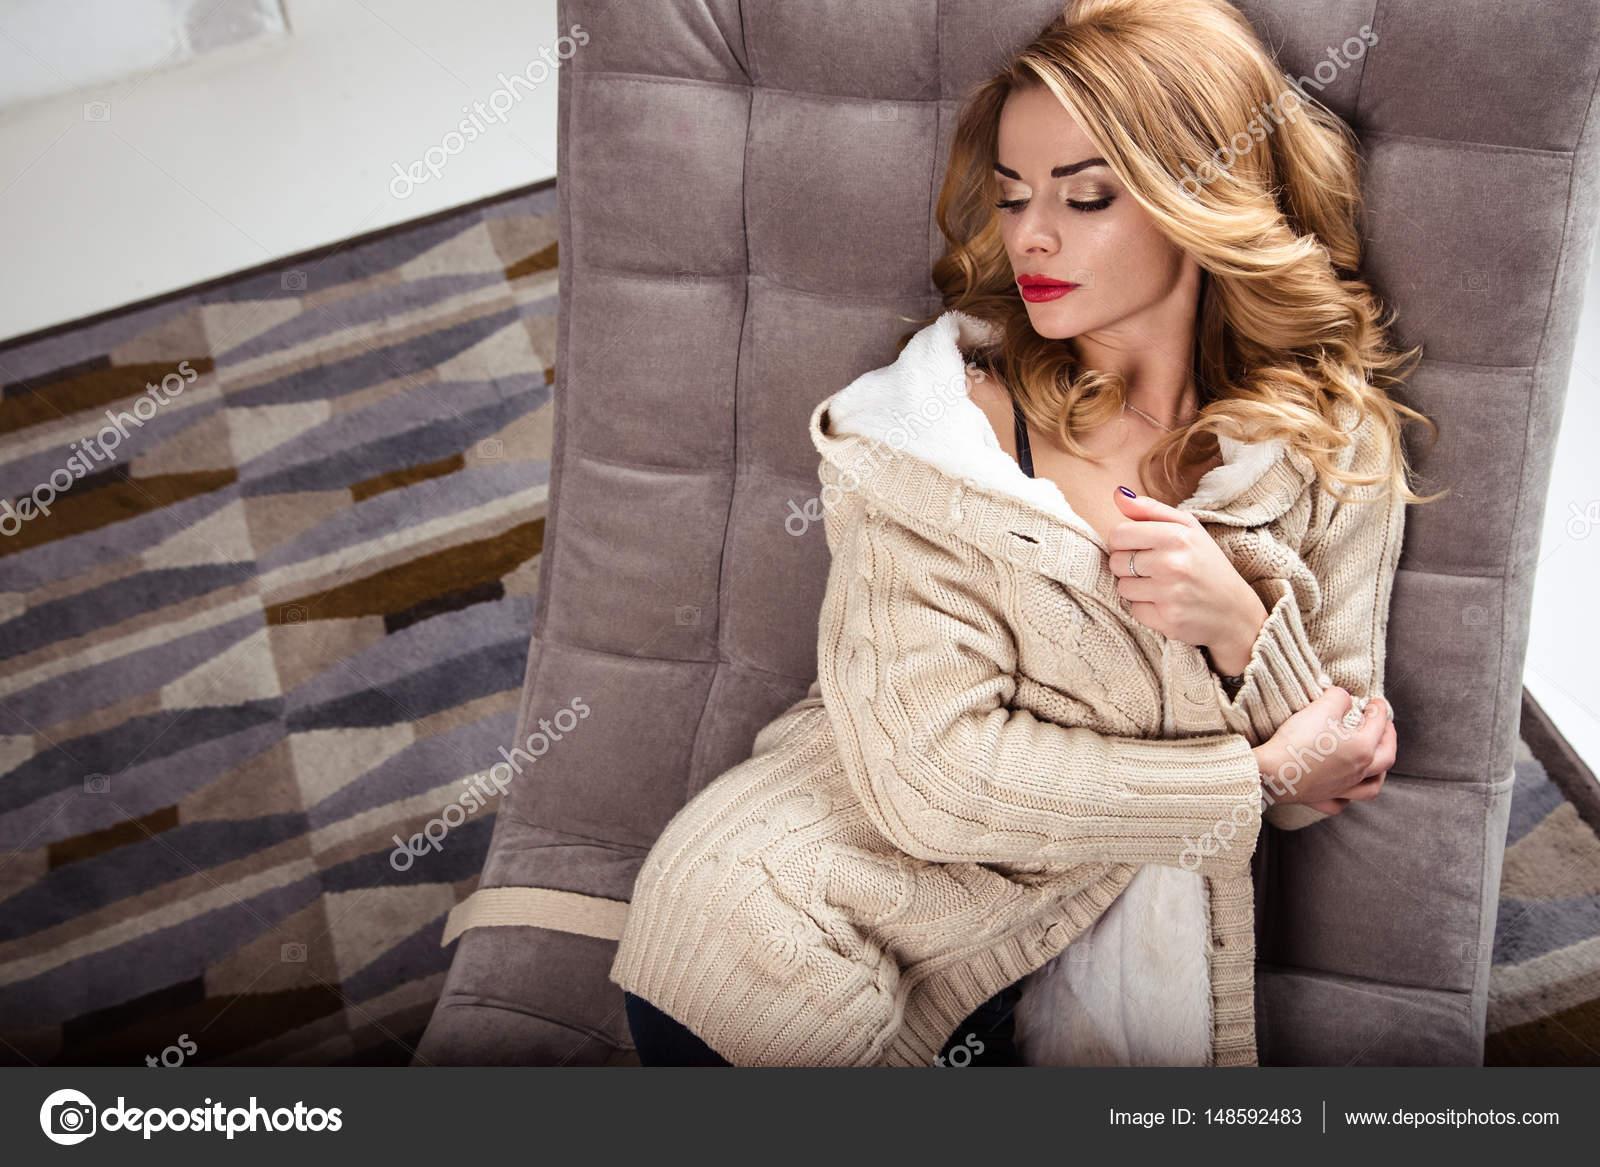 ランジェリー、暖かい服、カジュアルなスタイルで美しいセクシー